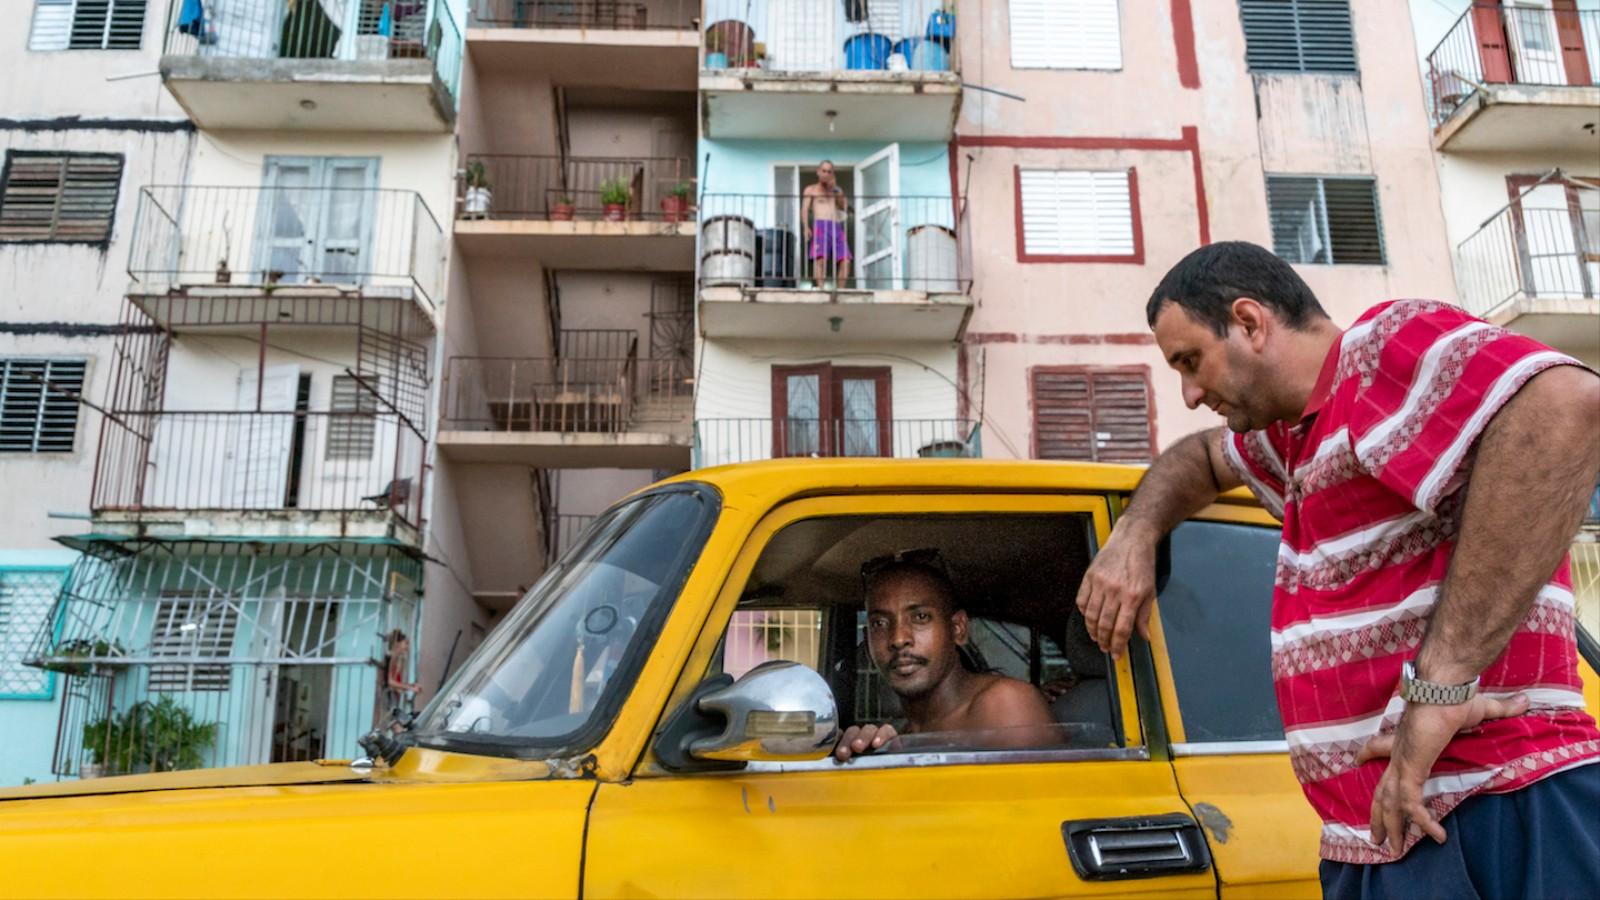 Dans la ville nucléaire cubaine bloquée dans les années 90